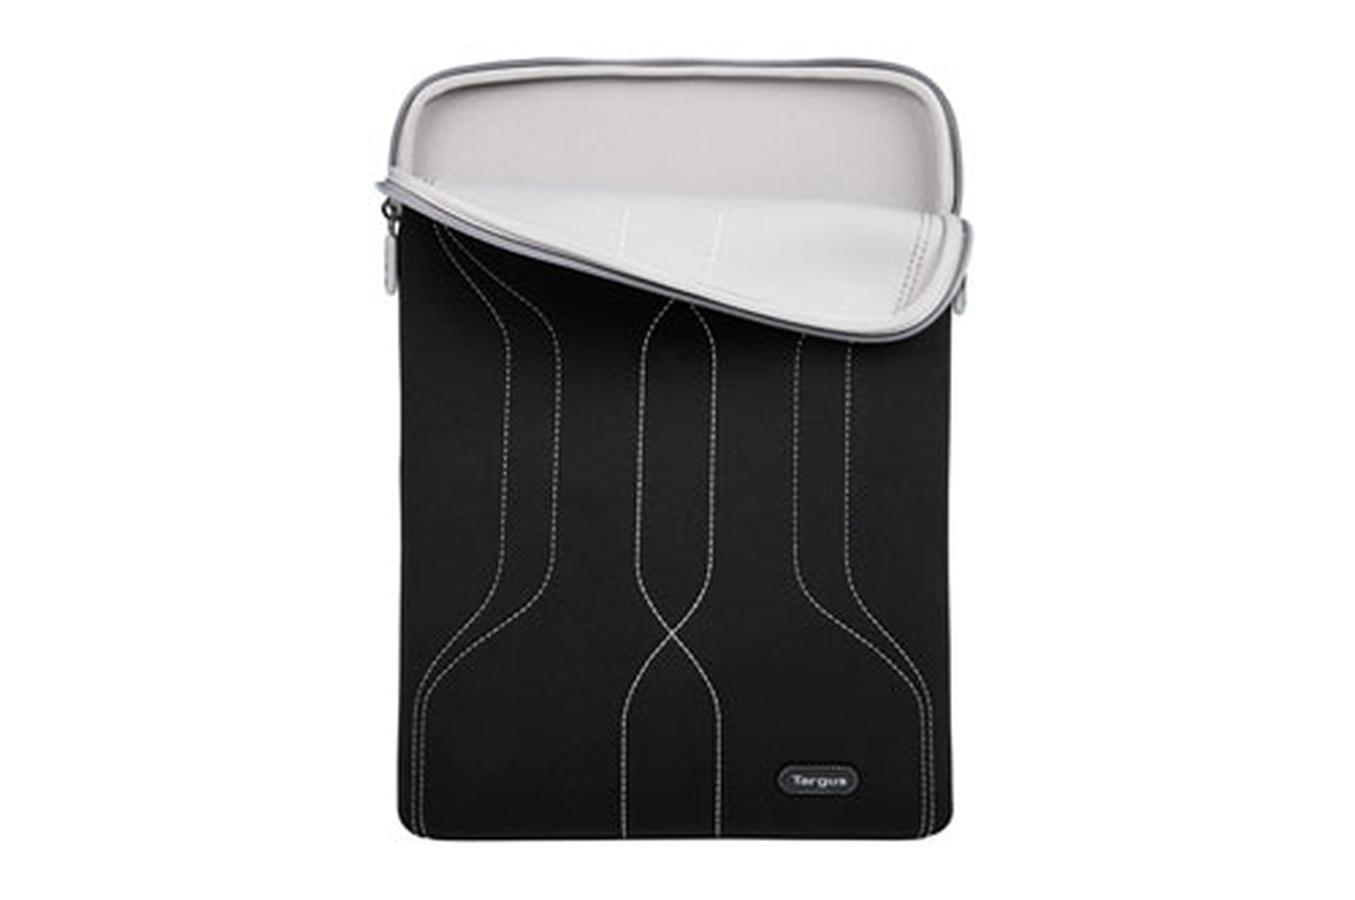 sacoche pour ordinateur portable targus housse 17 3 39 39 noir et grise sleeve 17 3 39 noire et. Black Bedroom Furniture Sets. Home Design Ideas